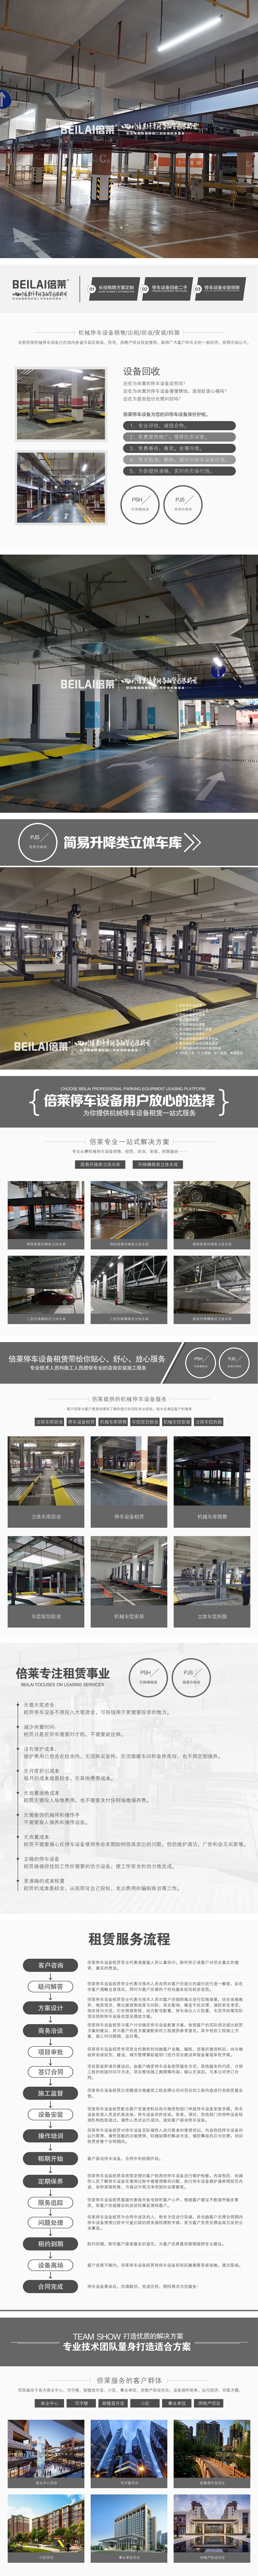 東興立體停車設備租賃移動式立體停車場回收機械式立體車庫廠家